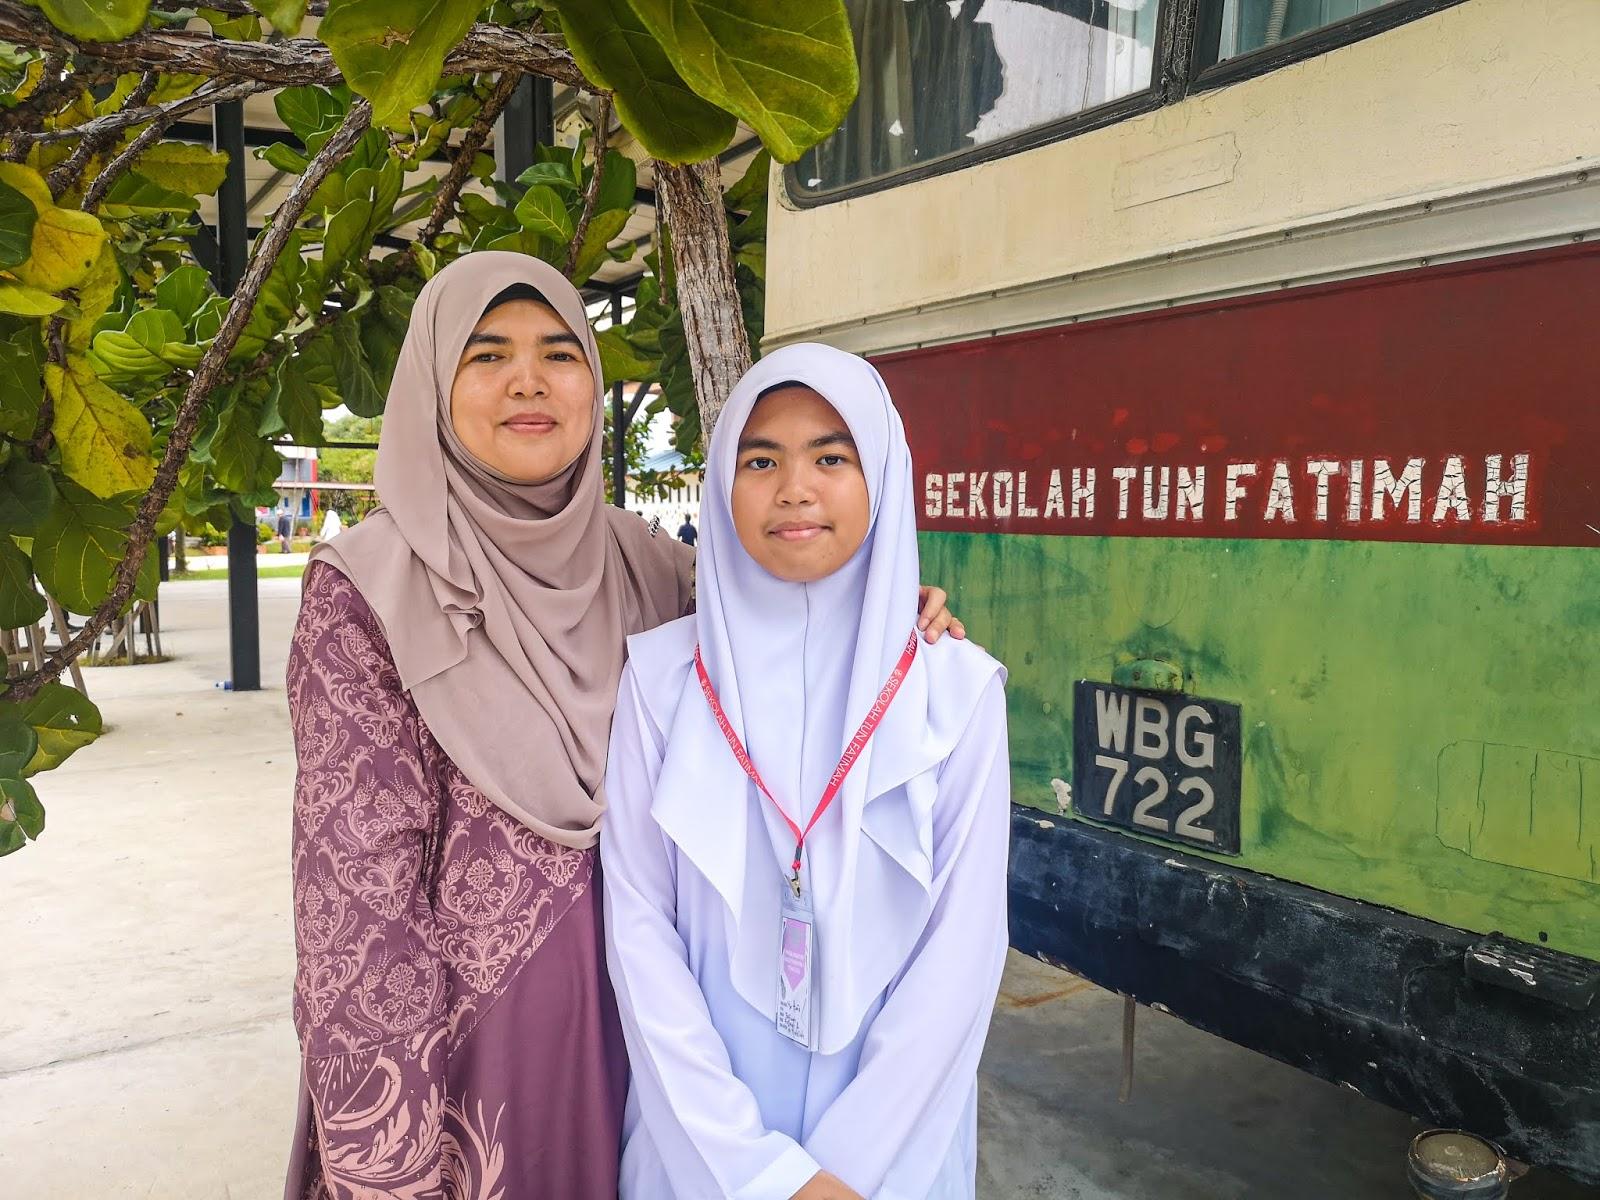 Hanis Ke Sekolah Tun Fatimah, Johor - bersama Umi